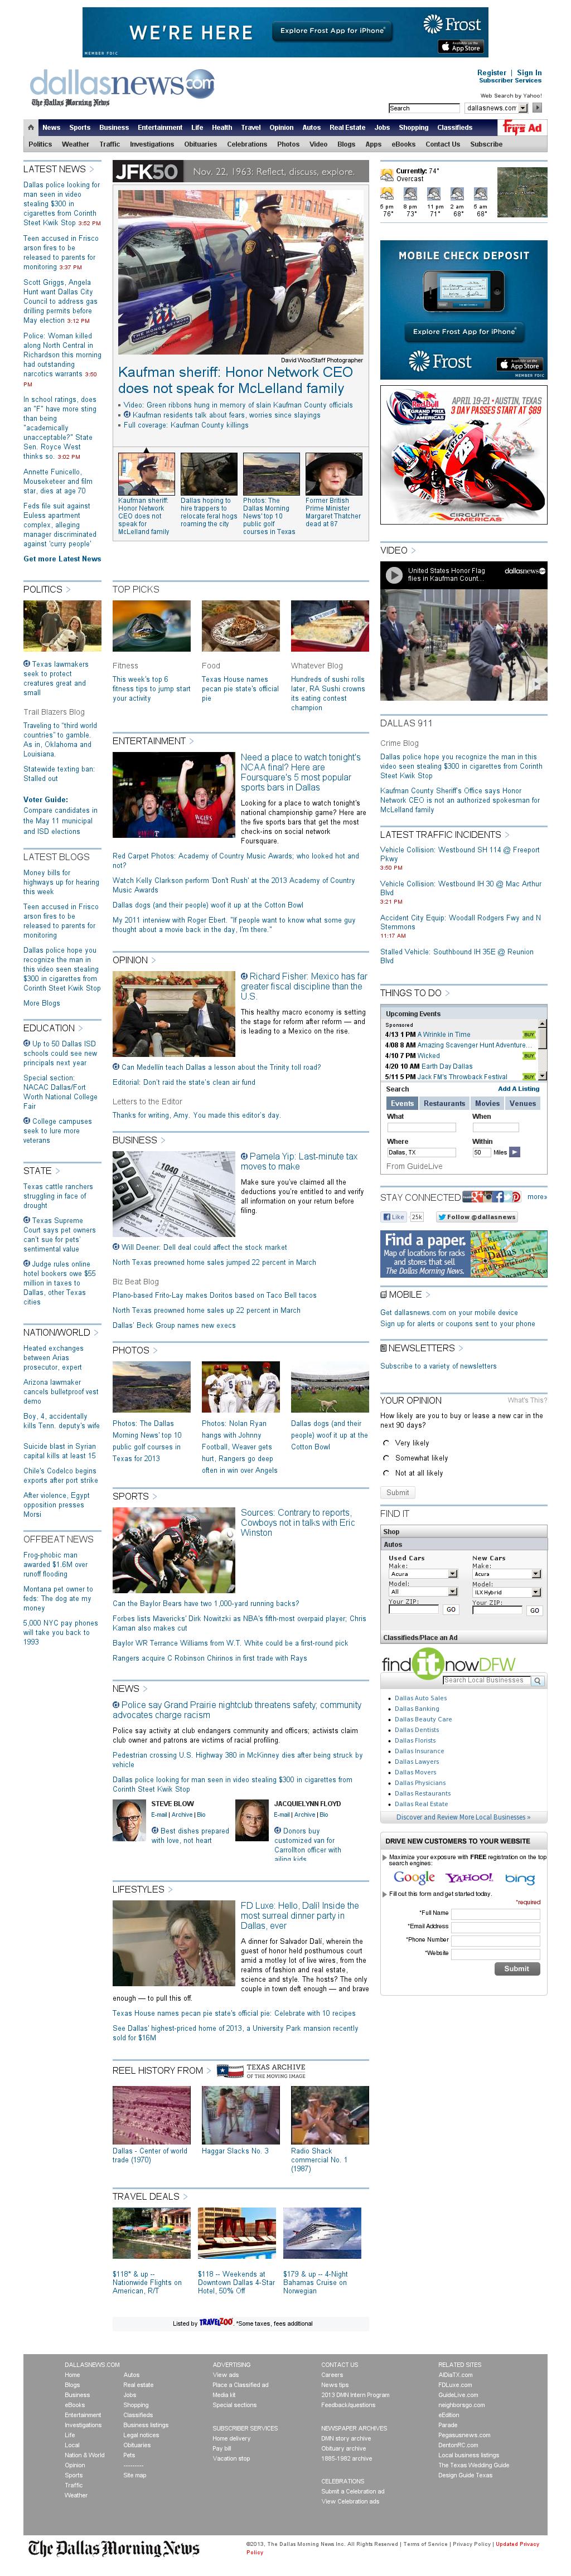 dallasnews.com at Monday April 8, 2013, 9:04 p.m. UTC